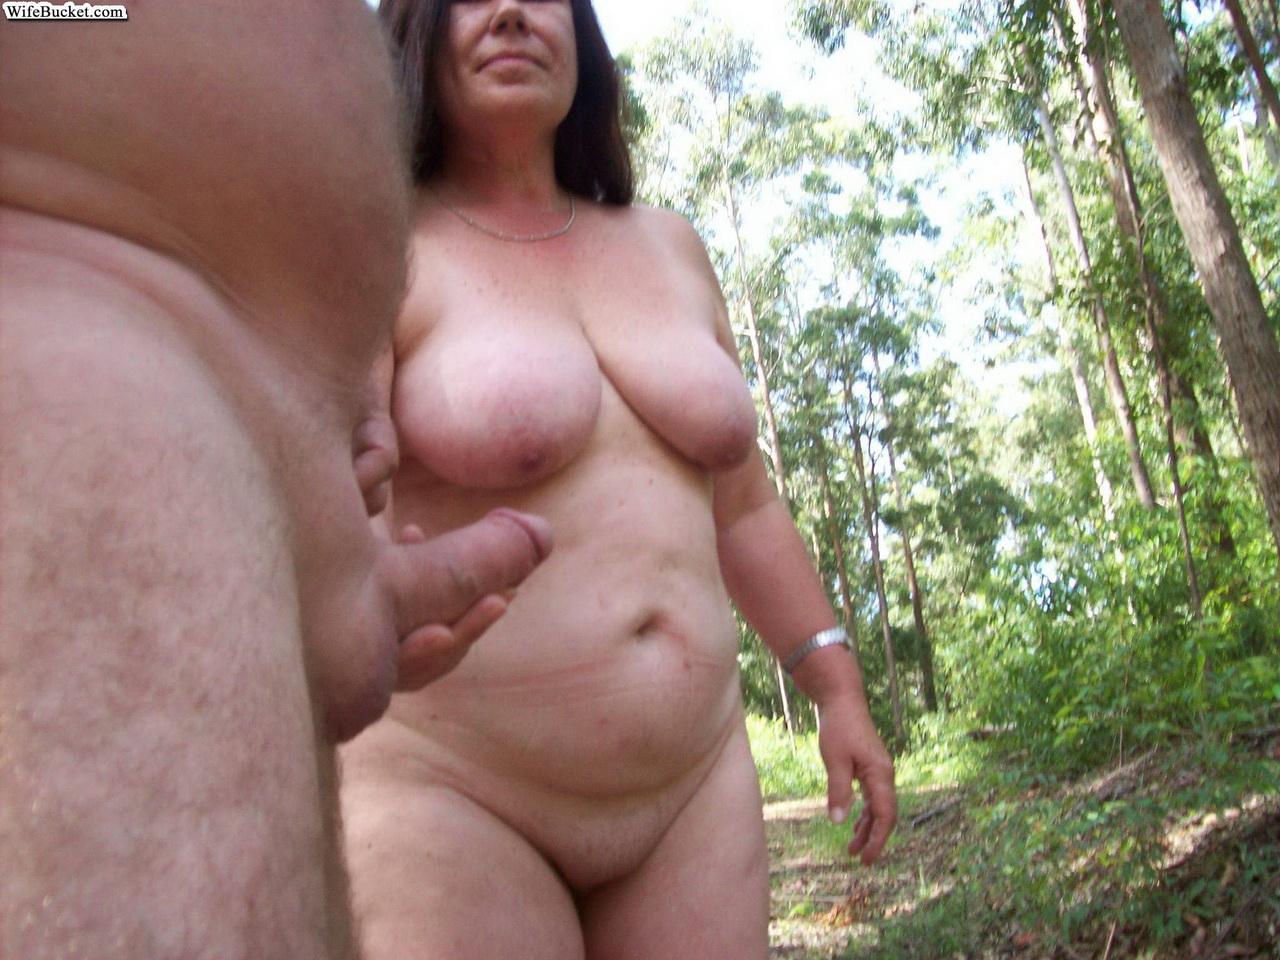 Толстая девушка с пенисом, Жаркое порно толстушек для любителей объемных 1 фотография